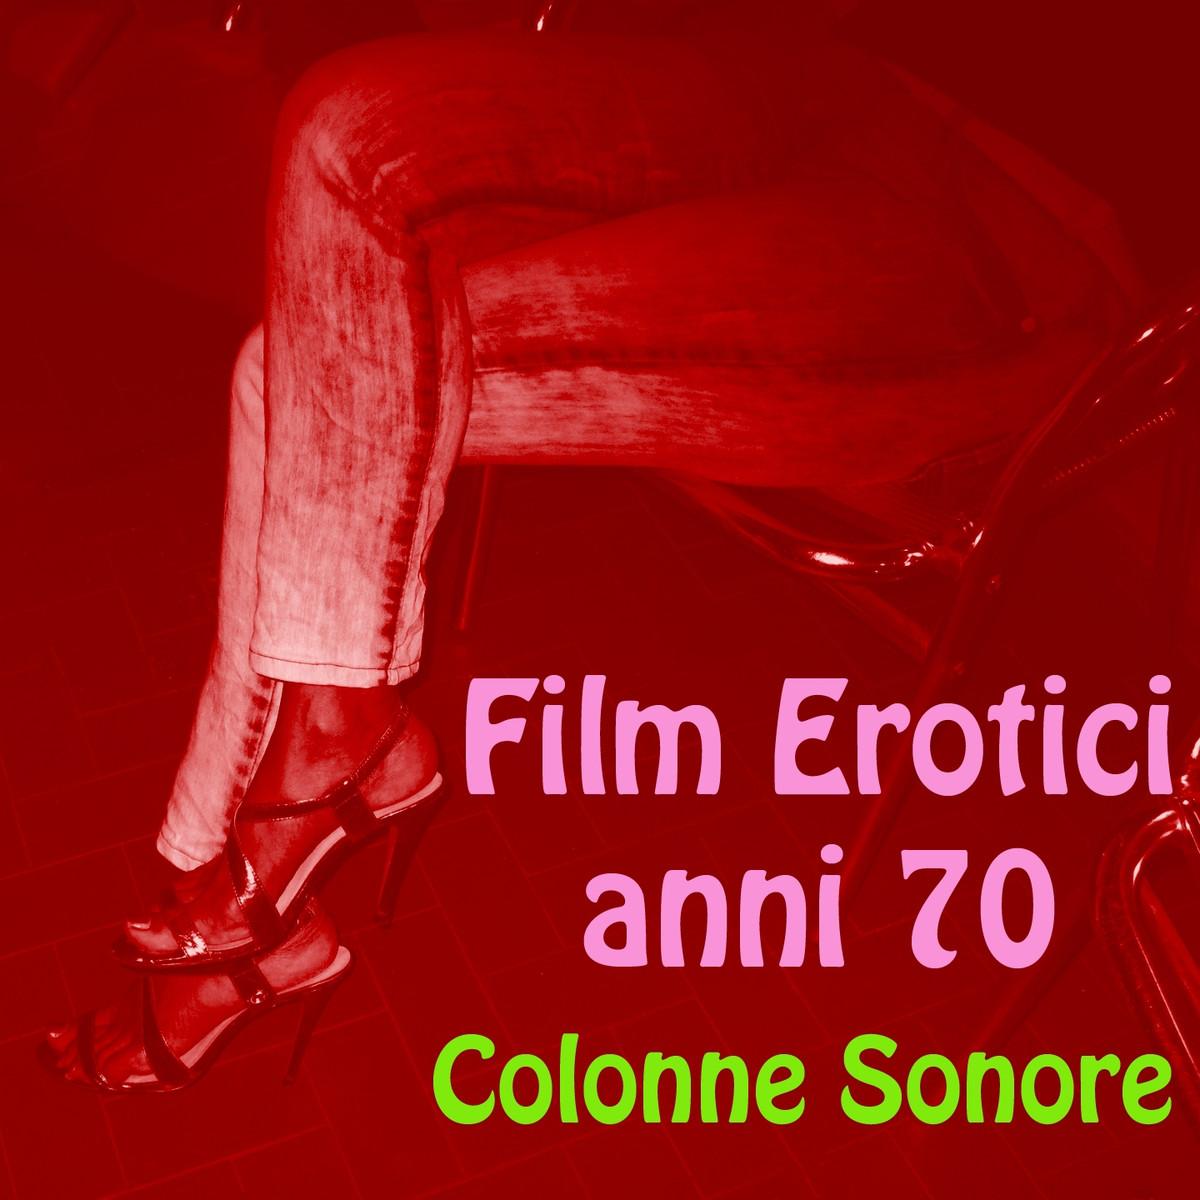 film erotici anni 70 film erotici steaming